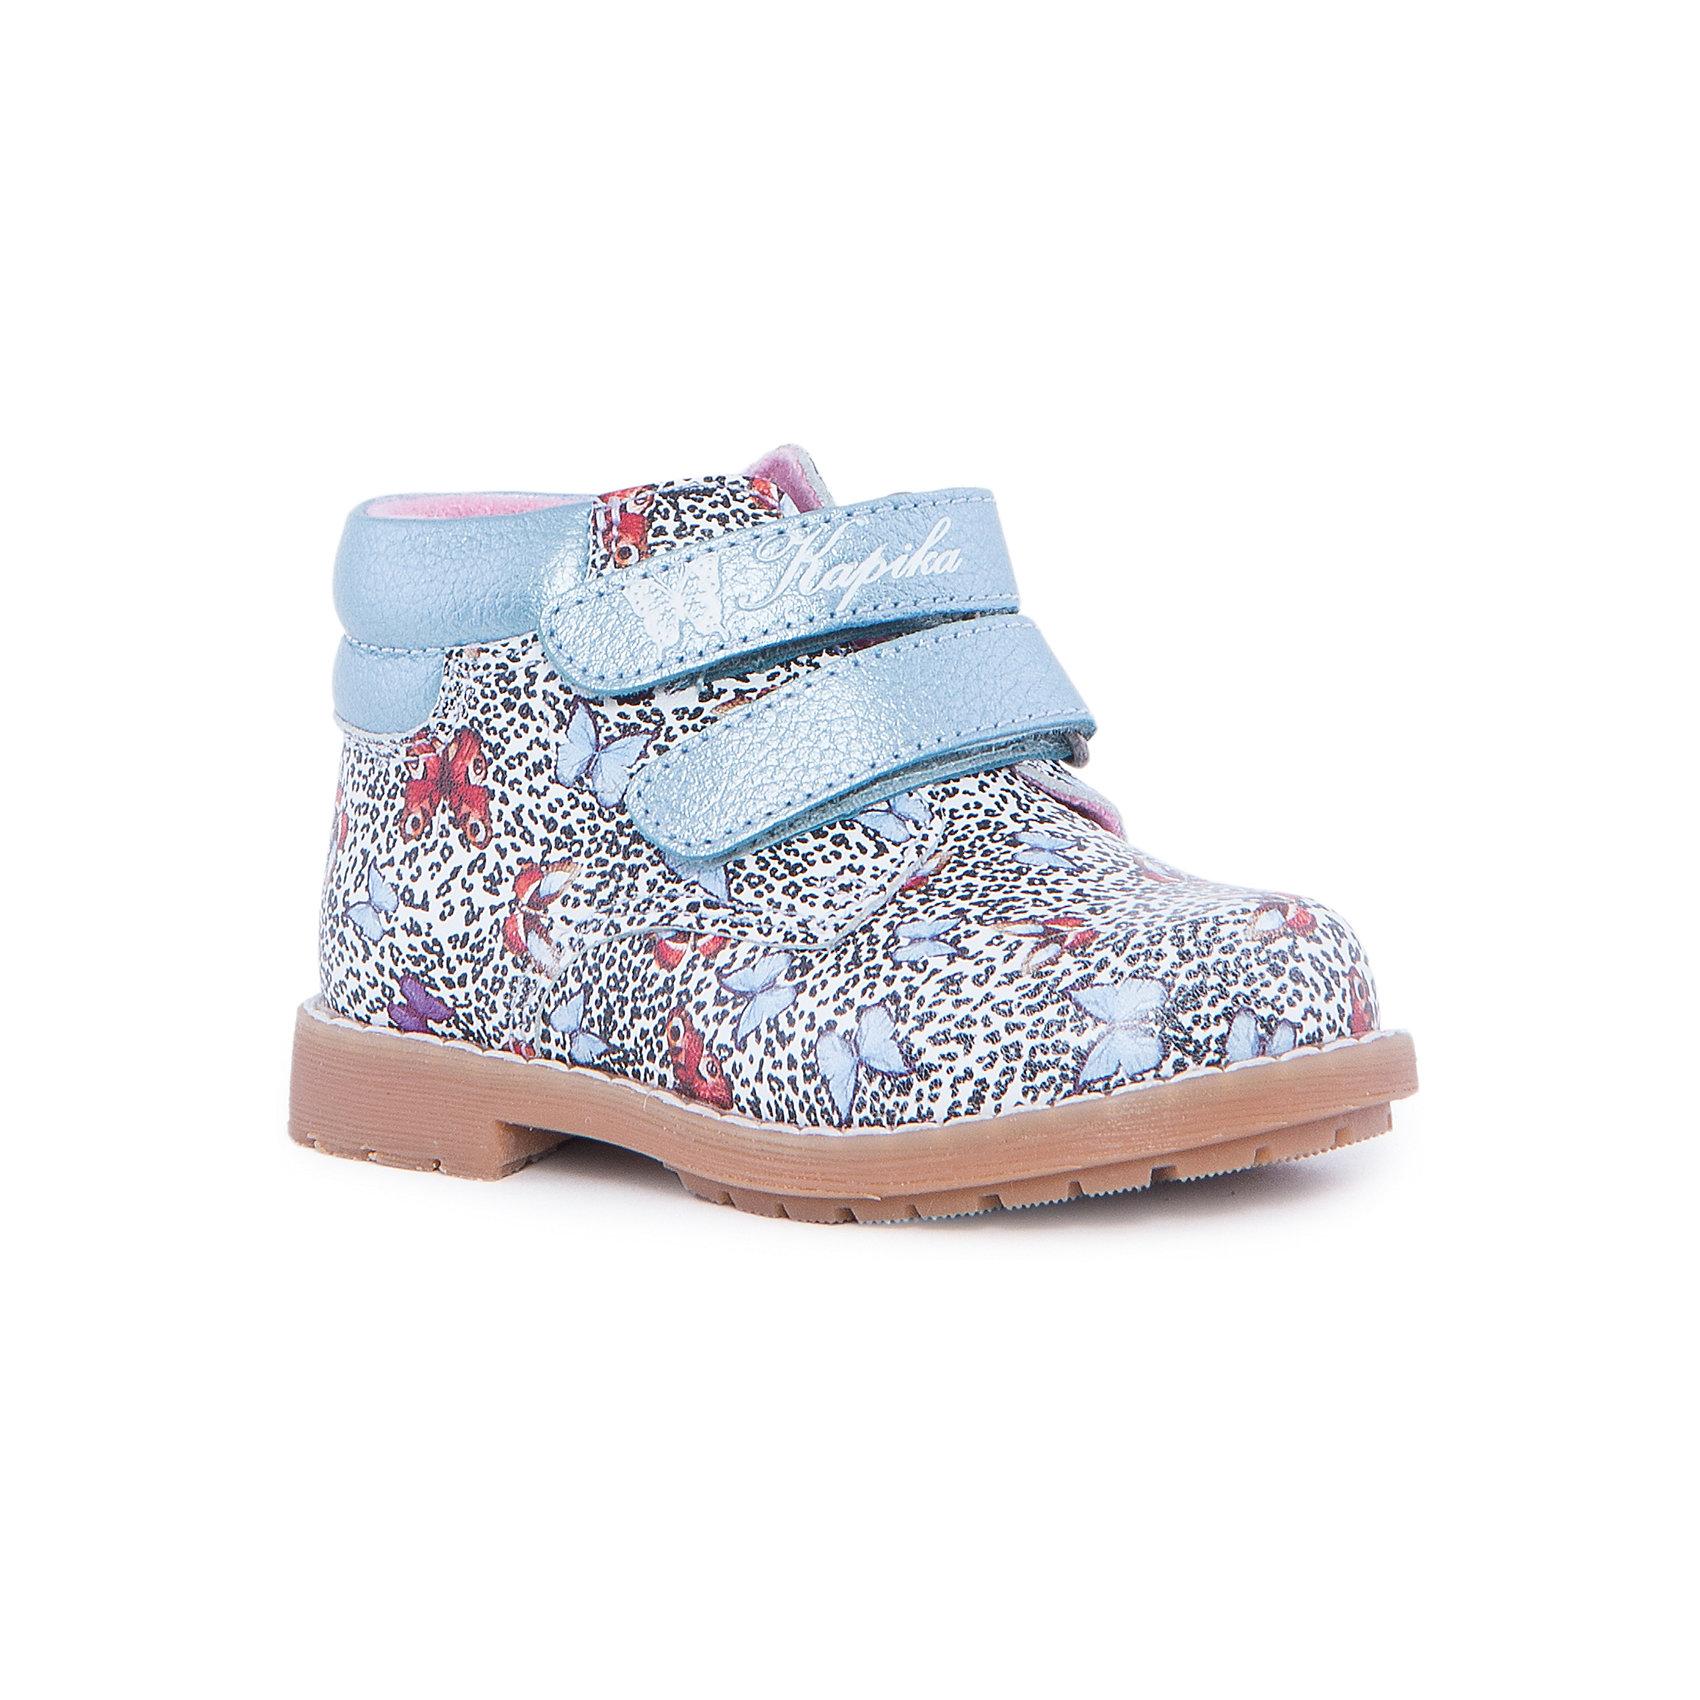 Ботинки для девочки KAPIKAБотинки для девочки KAPIKA – стиль, красота и тепло.<br>Красивые модные ботинки из натуральной кожи делают ходьбу комфортной и теплой. Внутри утепленная подкладка из шерсти. Ботинки сделаны с жестким задником и супинатором для правильного формирования ступни. Хорошо прилегают к ноге, закрепляясь двумя липучками. <br><br>Дополнительная информация:<br><br>- материал верха: натуральная кожа<br>- материал подкладки: утепленный текстиль, 80% шерсть<br><br>Ботинки для девочки KAPIKA можно купить в нашем интернет магазине.<br><br>Ширина мм: 262<br>Глубина мм: 176<br>Высота мм: 97<br>Вес г: 427<br>Цвет: разноцветный<br>Возраст от месяцев: 12<br>Возраст до месяцев: 15<br>Пол: Женский<br>Возраст: Детский<br>Размер: 21,24,23,22<br>SKU: 4987980